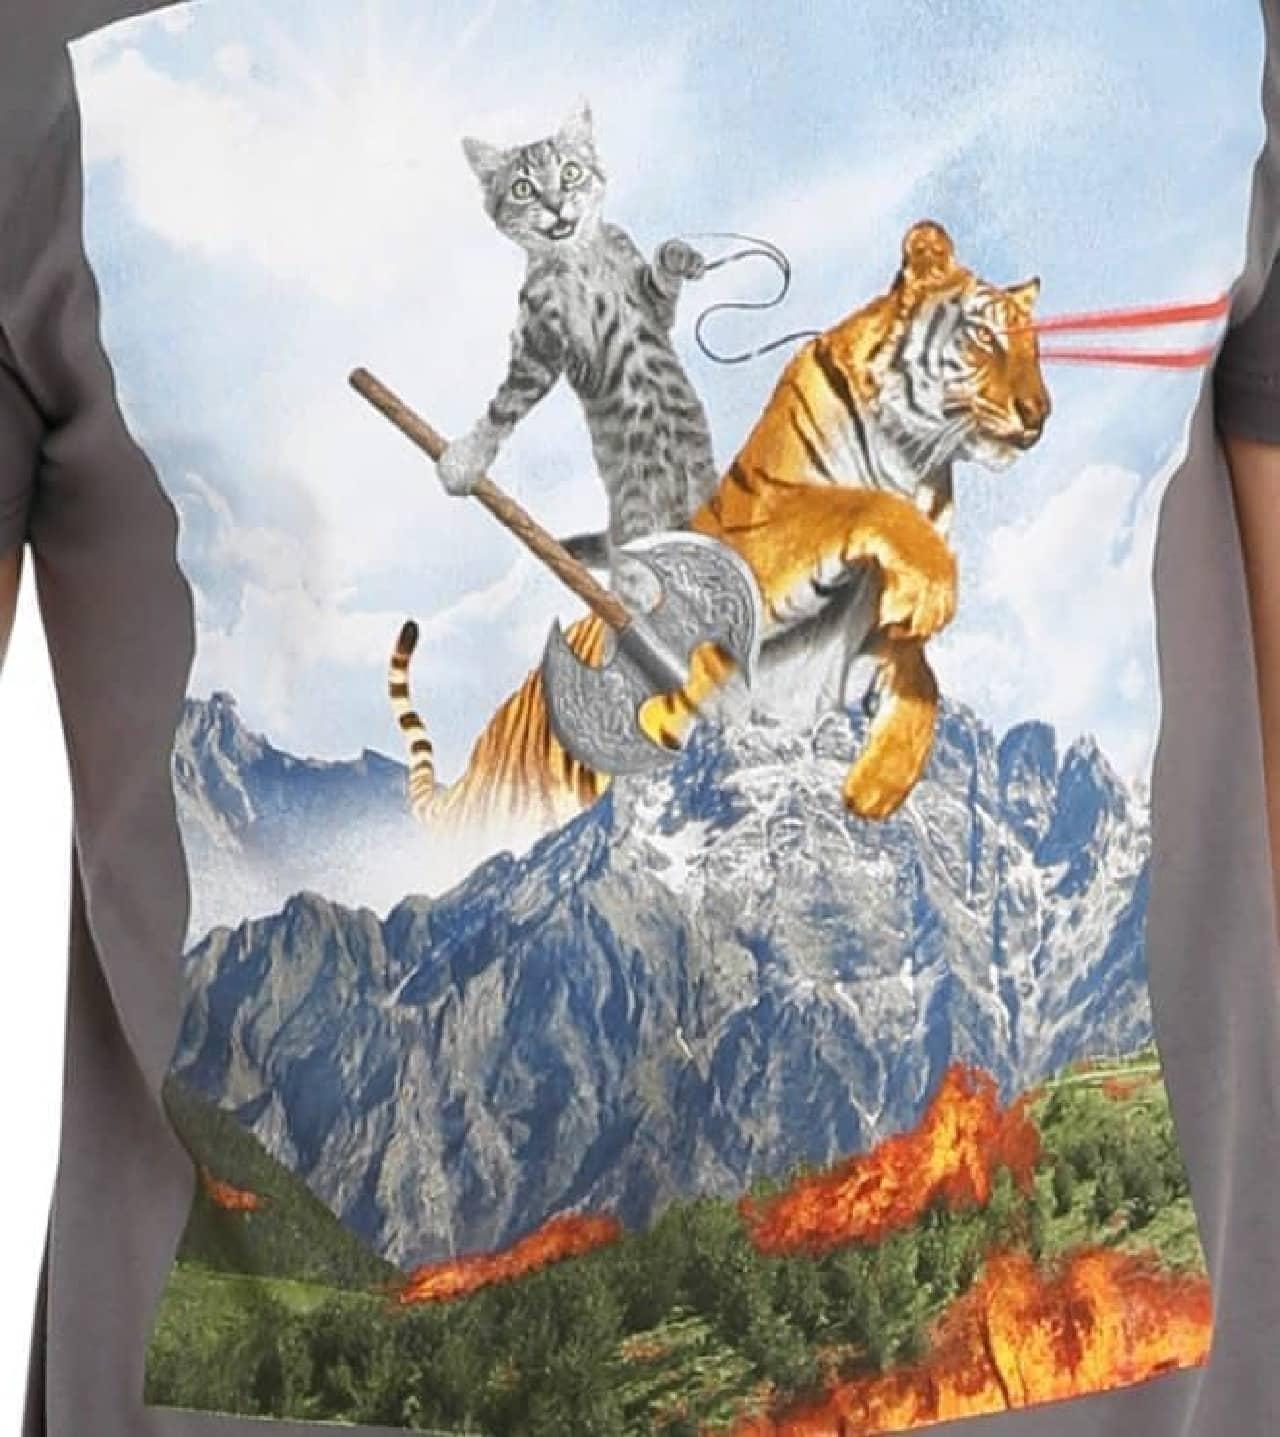 トラにまたがったネコは楽しそう&ちょっとおバカそうです  多分、ワナに嵌められています